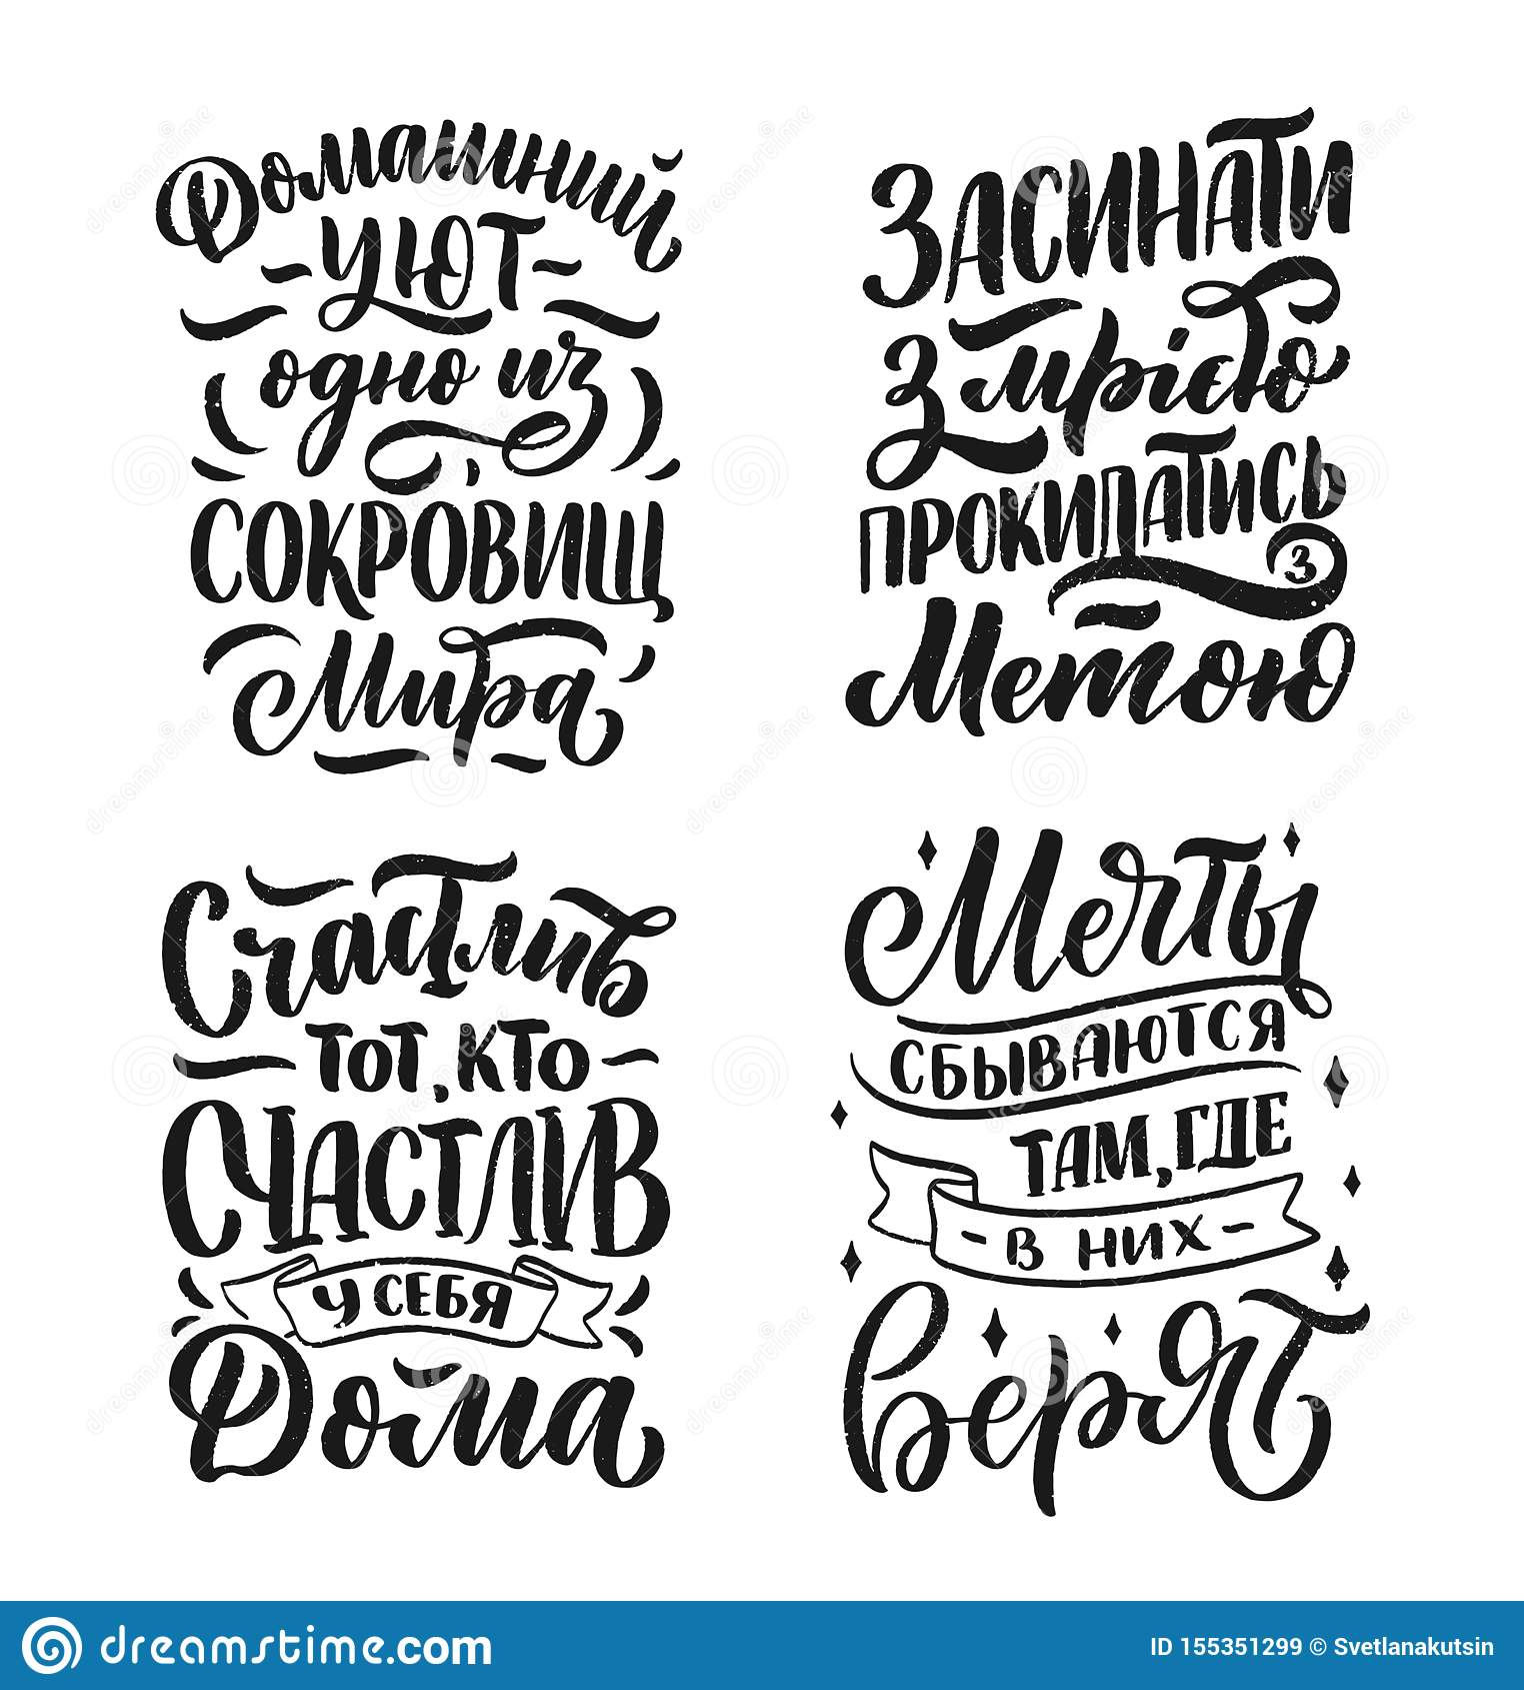 Les affiches sur la langue russe - confort à la maison est un des trésors du monde, tombent endormi avec un rêve - se réveillent